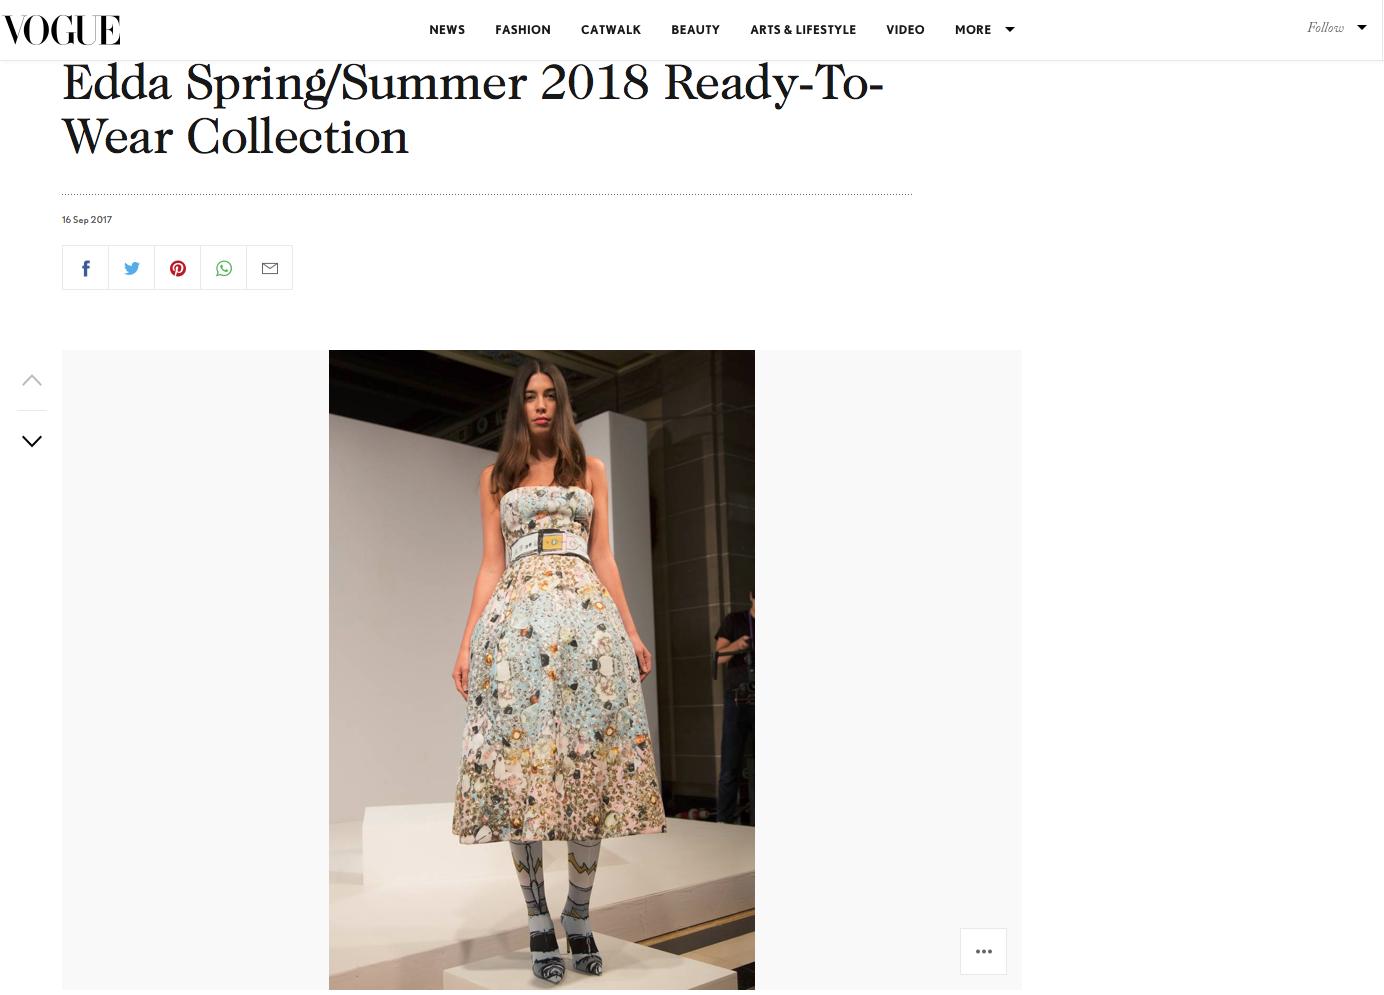 EDDA Spring Summer 2018 Vogue